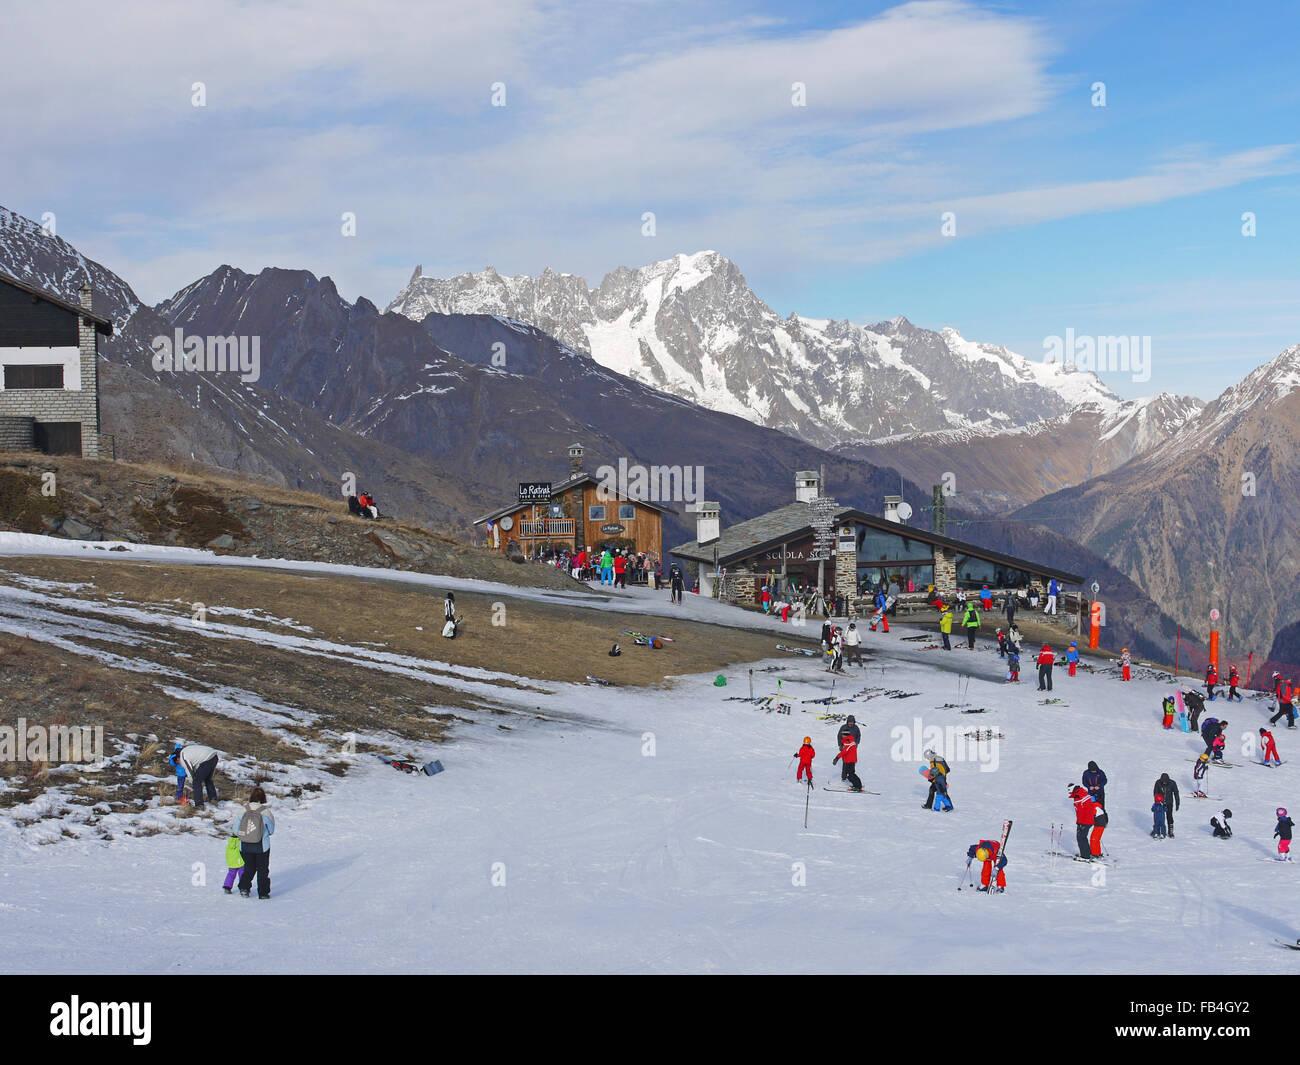 La Thuile Italia ski resort, en diciembre de 2015 mostrando la extrema falta de nieve en Europa para practicar deportes Imagen De Stock